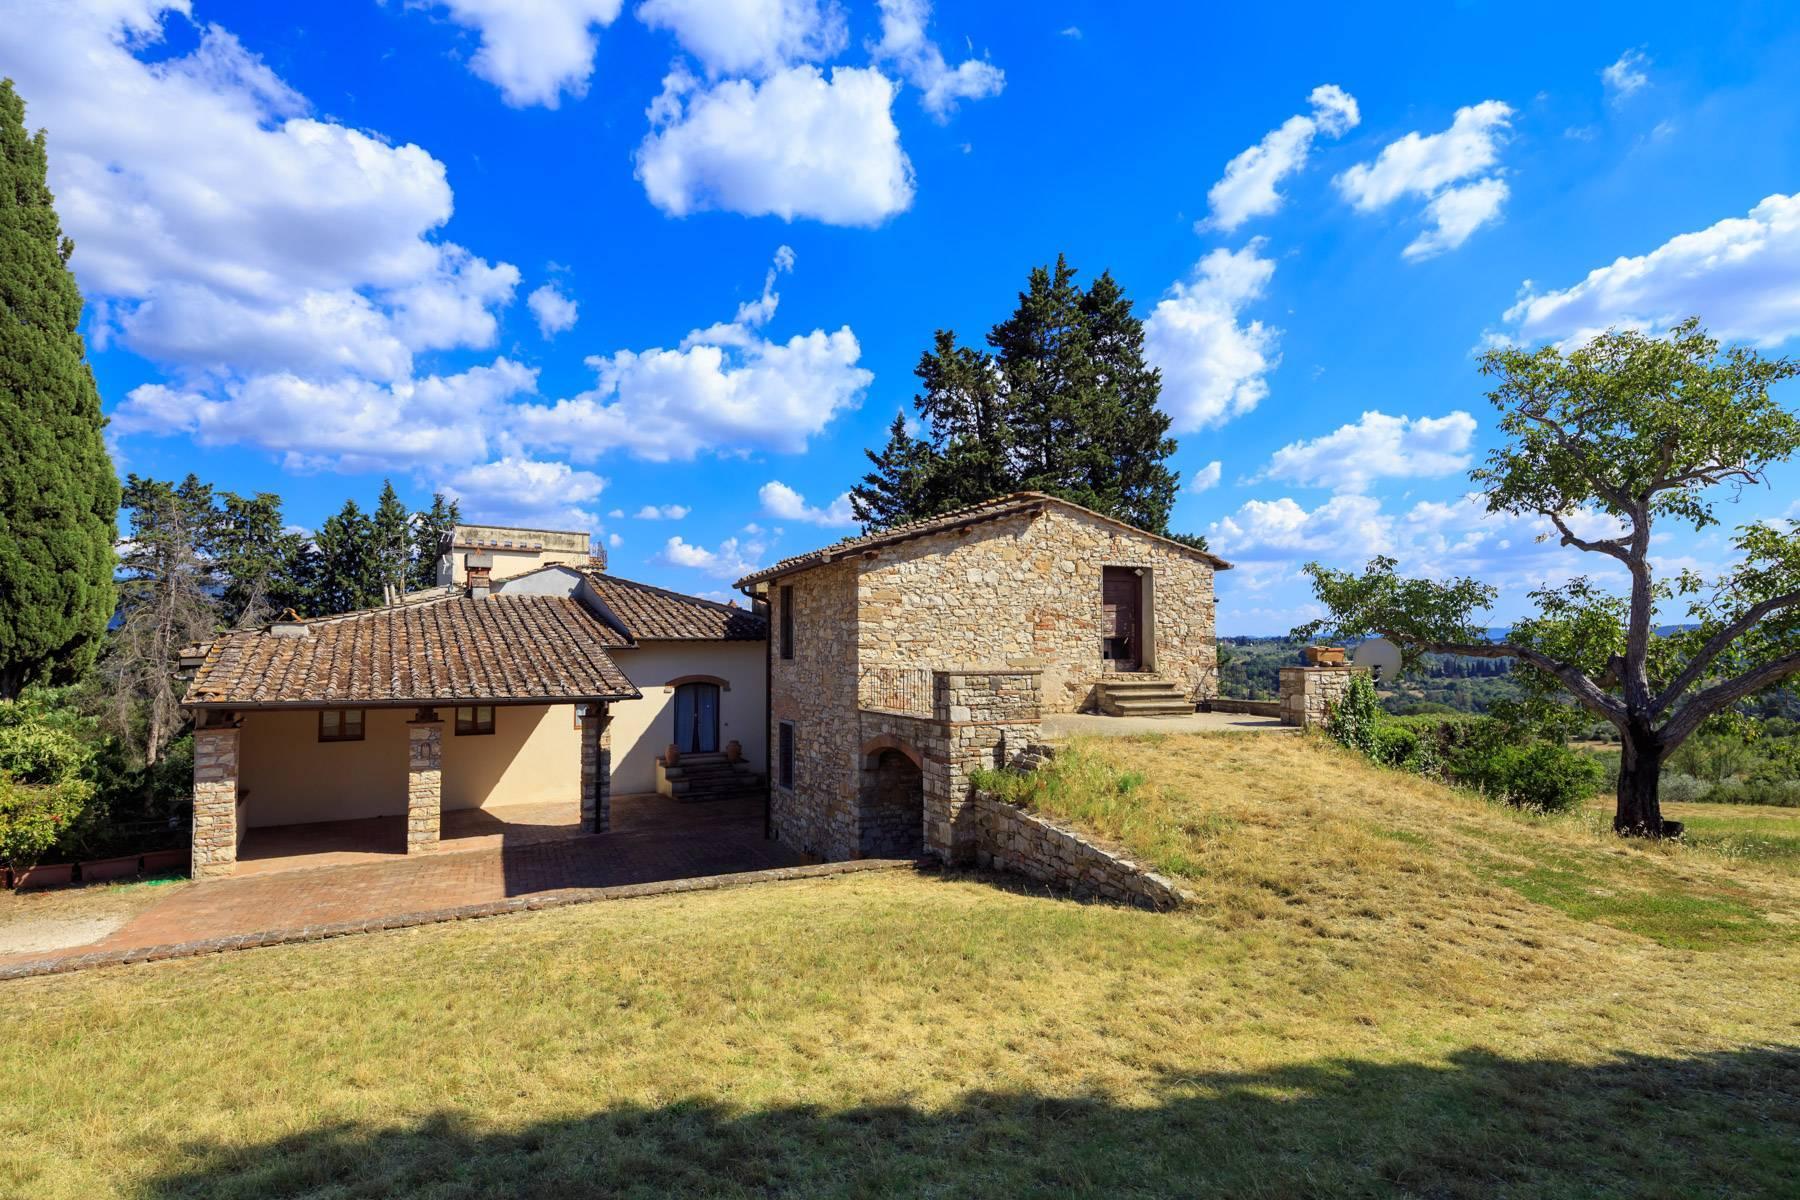 Grande villa antica con oliveto a 10 minuti da Firenze - 20